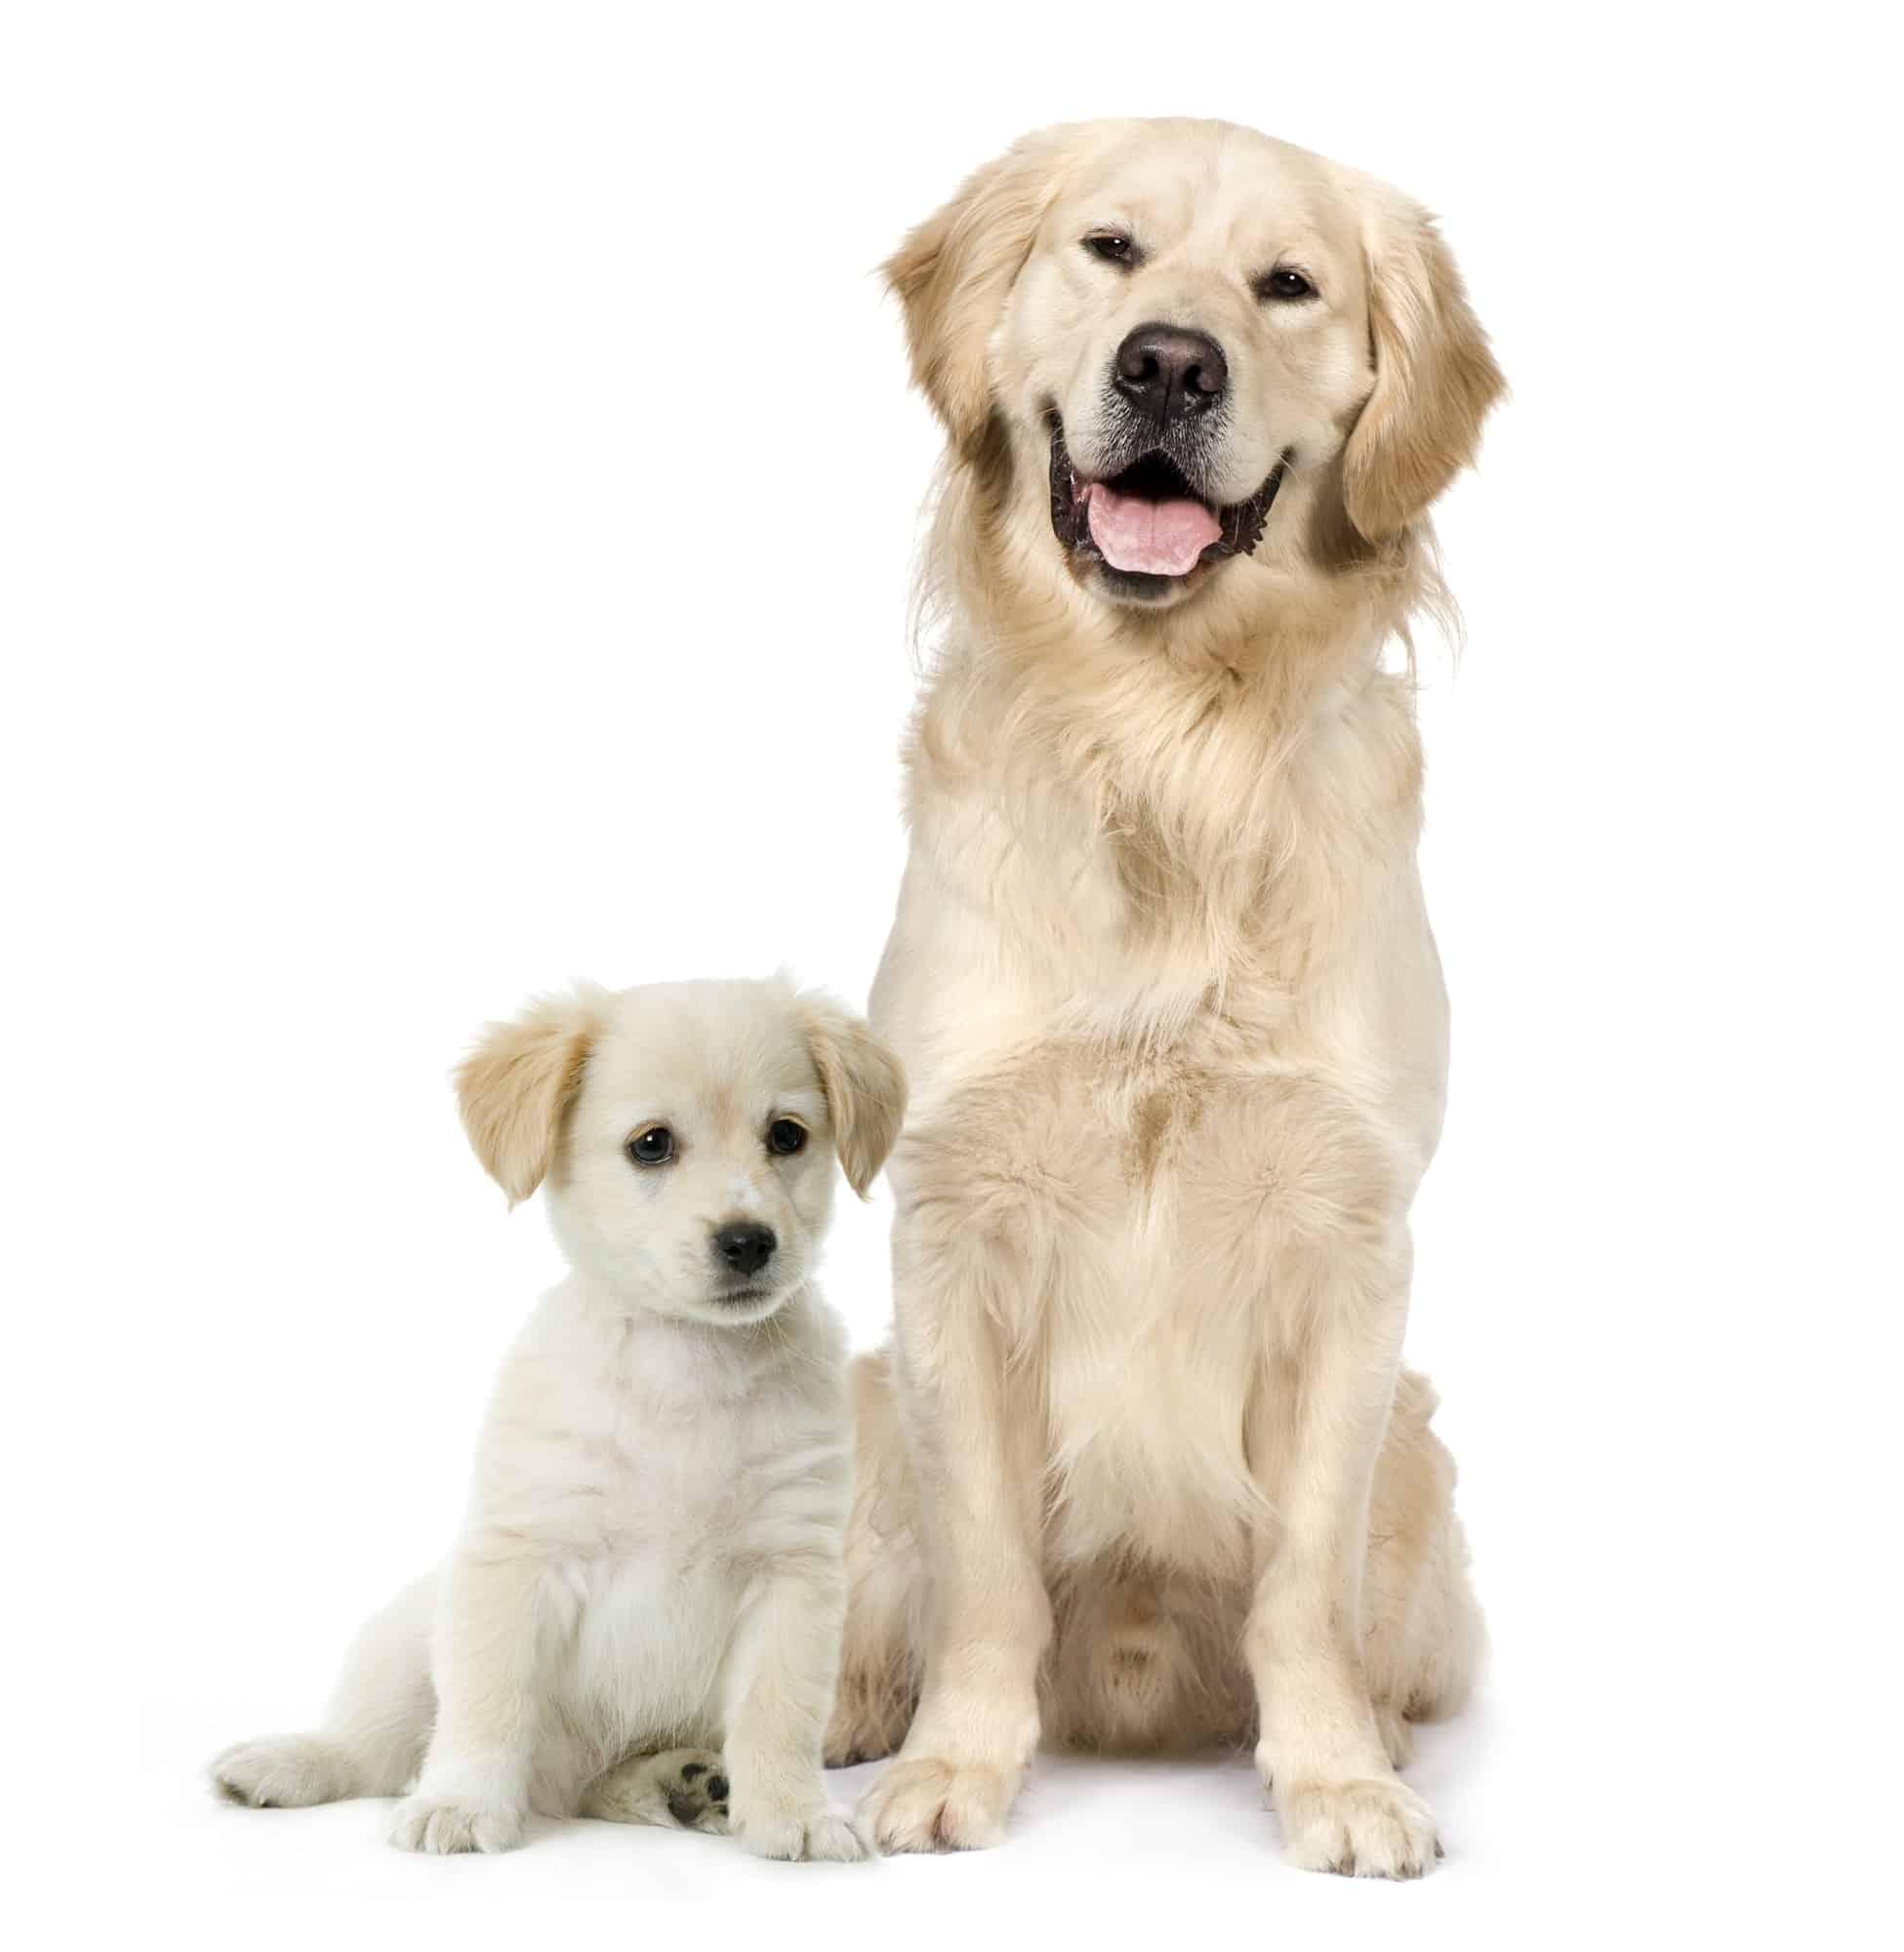 dogs live longer